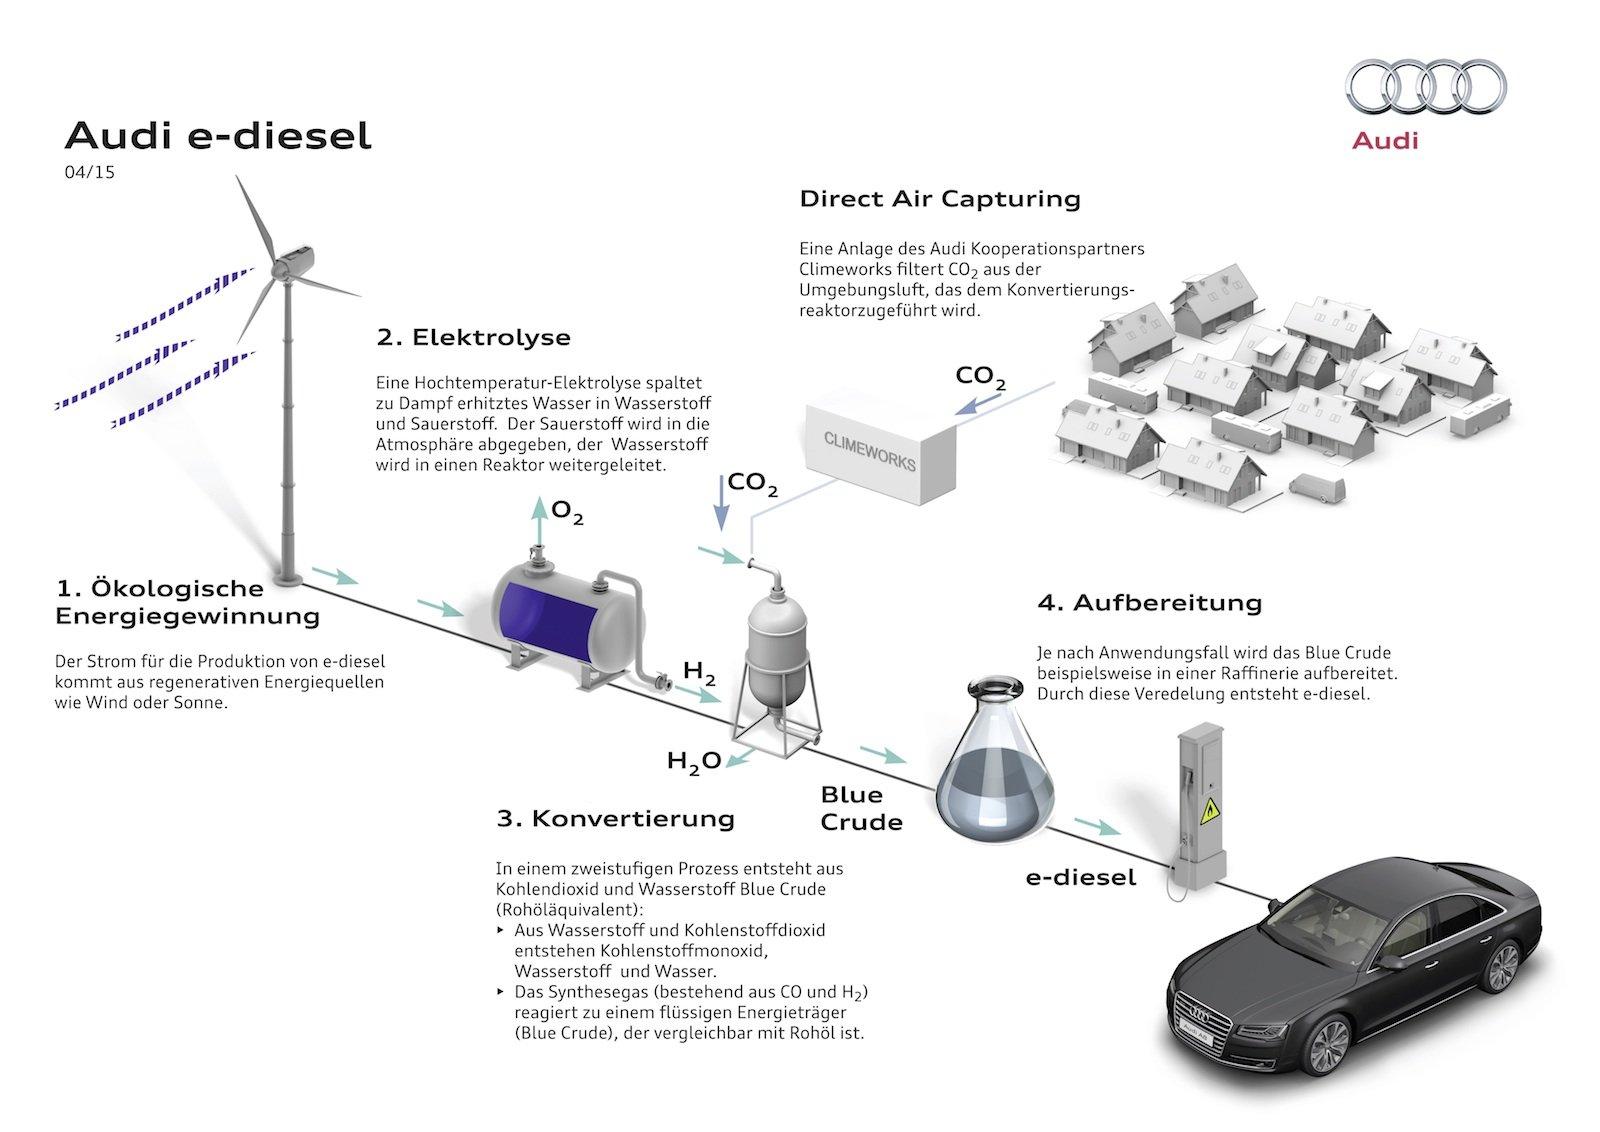 Herstellungsprozess Audi e-diesel.